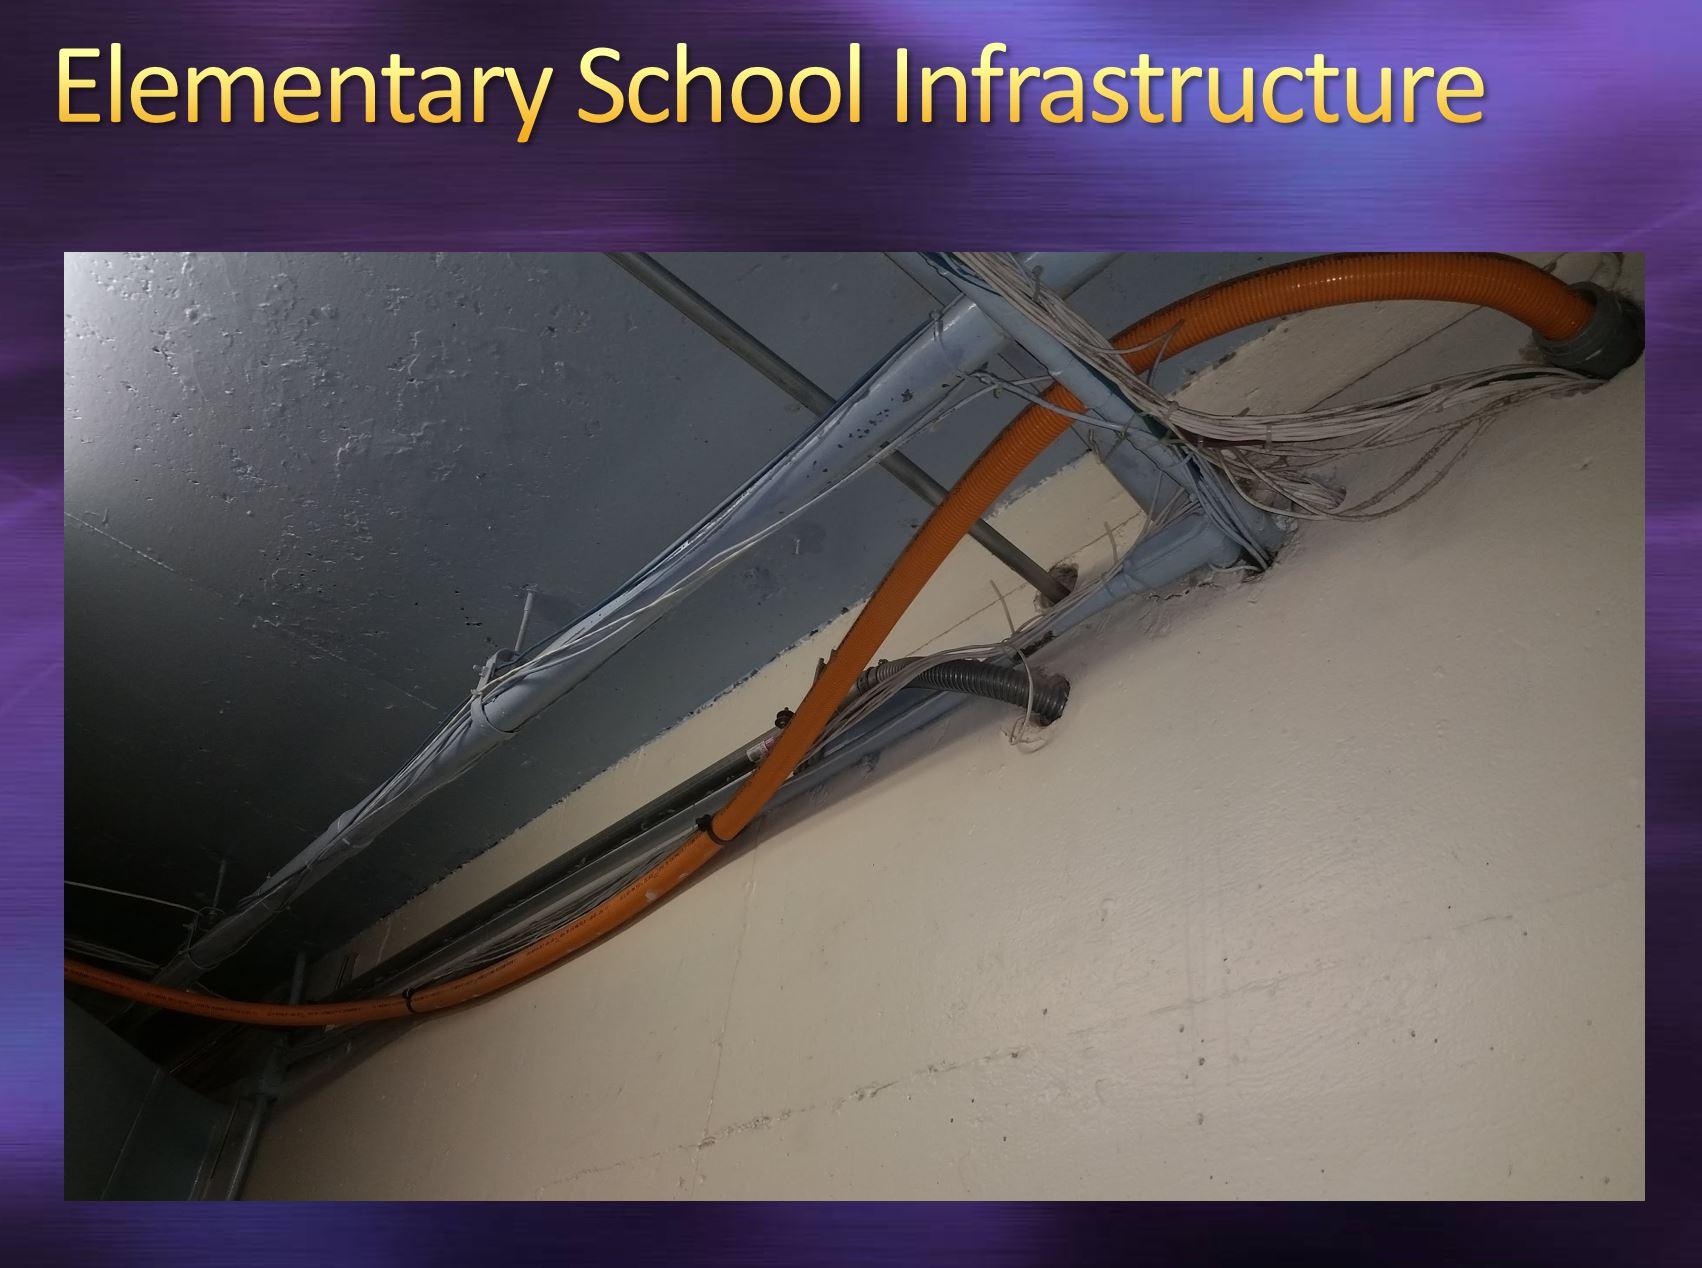 Elementary School Infrastructure